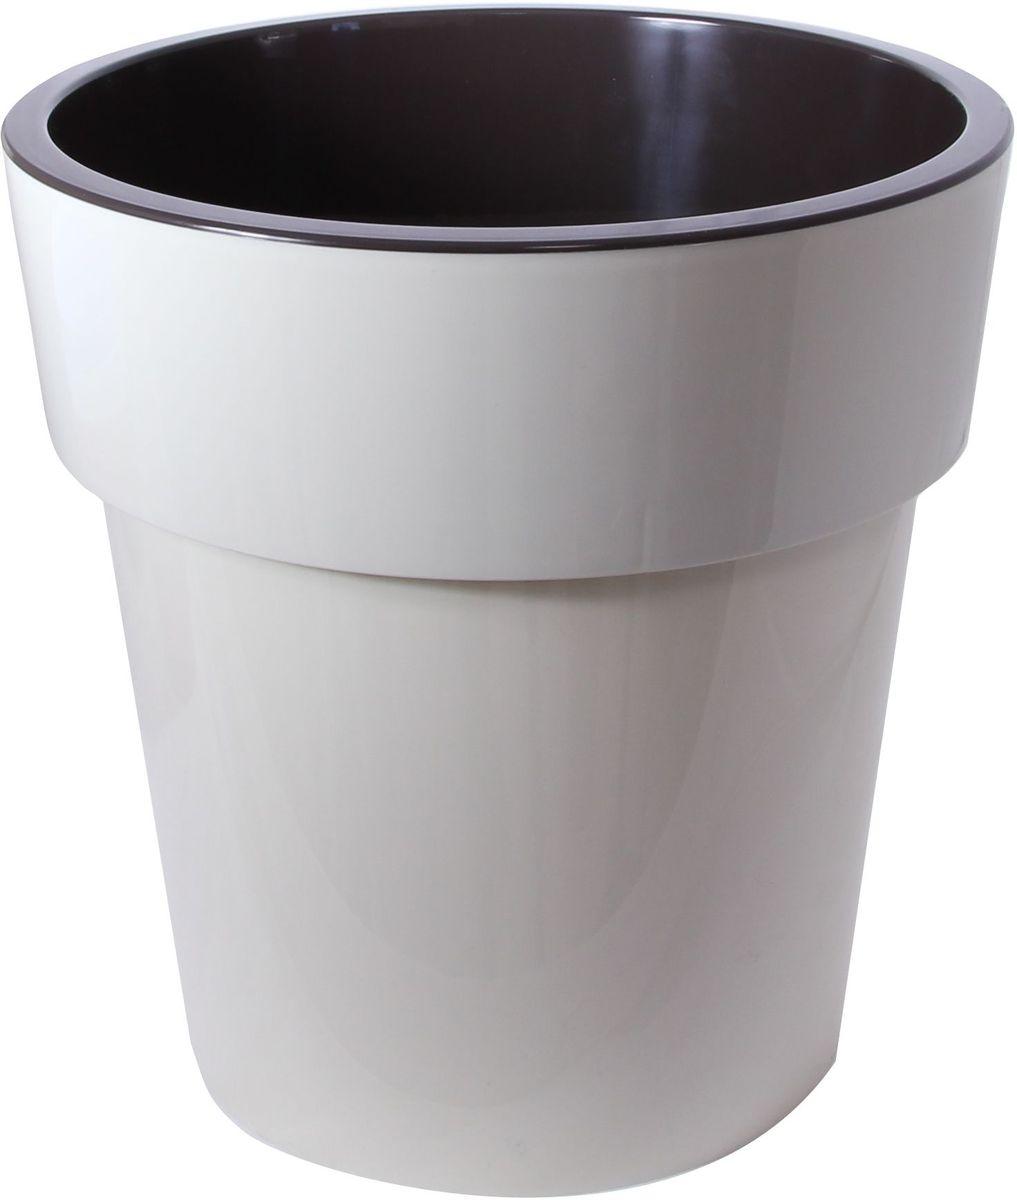 Кашпо Idea Тубус, цвет: светло-бежевый, темно-коричневый, диаметр 25 х 25 х 25,5 смМ 3166Кашпо Idea Тубус изготовлено из прочного пластика. Изделие прекрасно подходит для выращивания растений и цветов в домашних условиях. Стильный современный дизайн органично впишется в интерьер помещения.